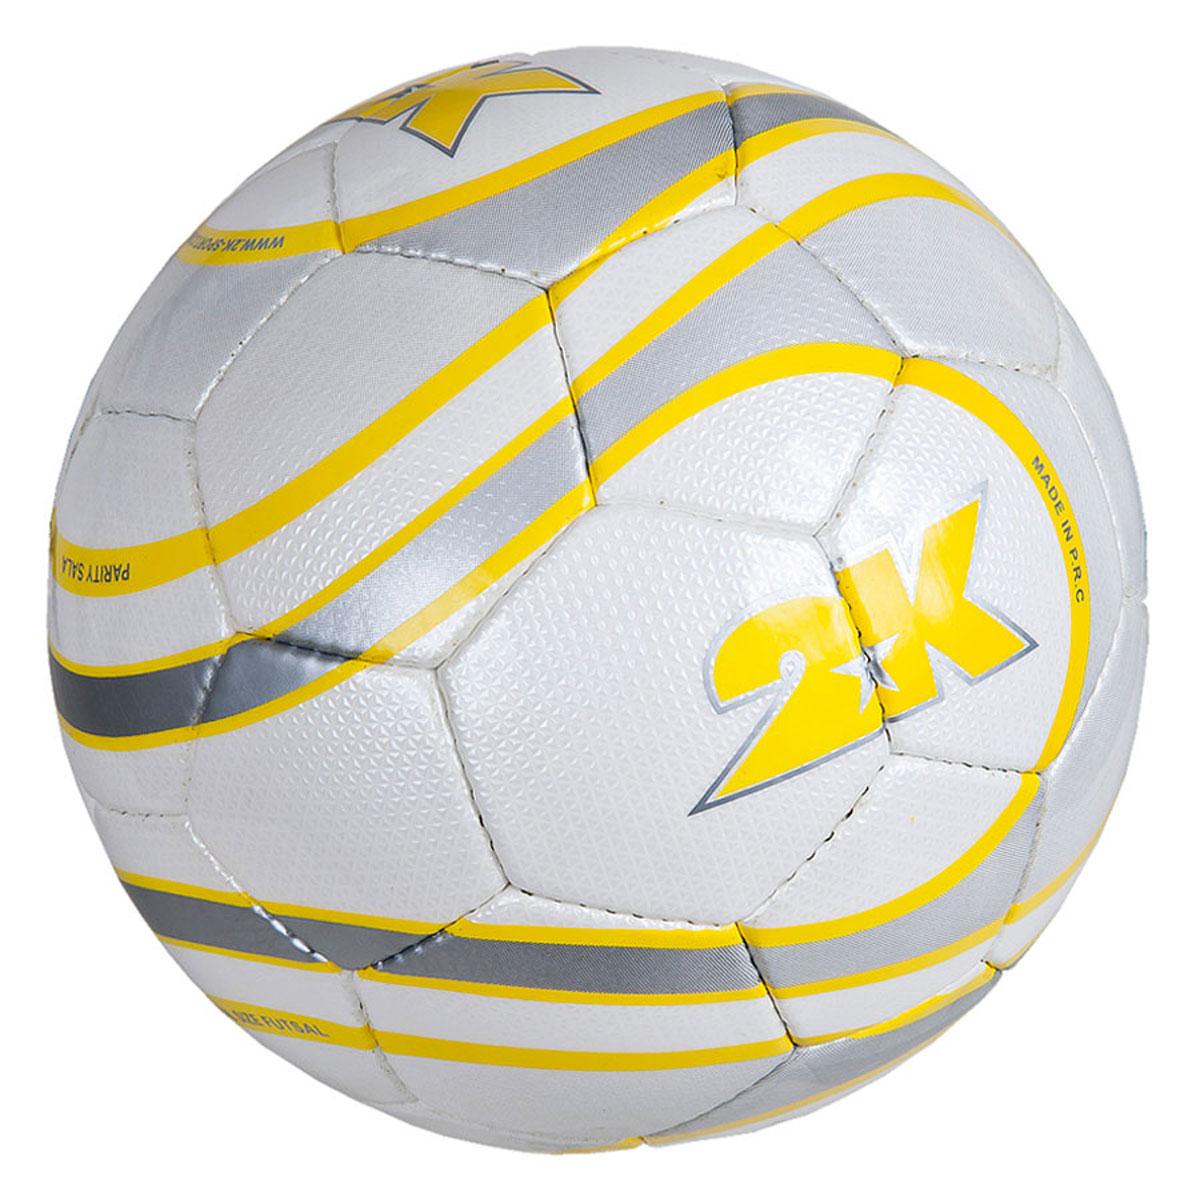 Мяч футзальный 2K Sport Parity, цвет: белый, желтый, серый. Размер 4127079Профессиональный футзальный мяч 2K Sport Parity предназначен для игры в зале. Выполнен из полиуретана. Четырехслойная подложка, изготовленная из полиэстера. Мяч имеет бесшовную бутиловую камеру с бутиловым ниппелем. Ручная сшивка панелей.